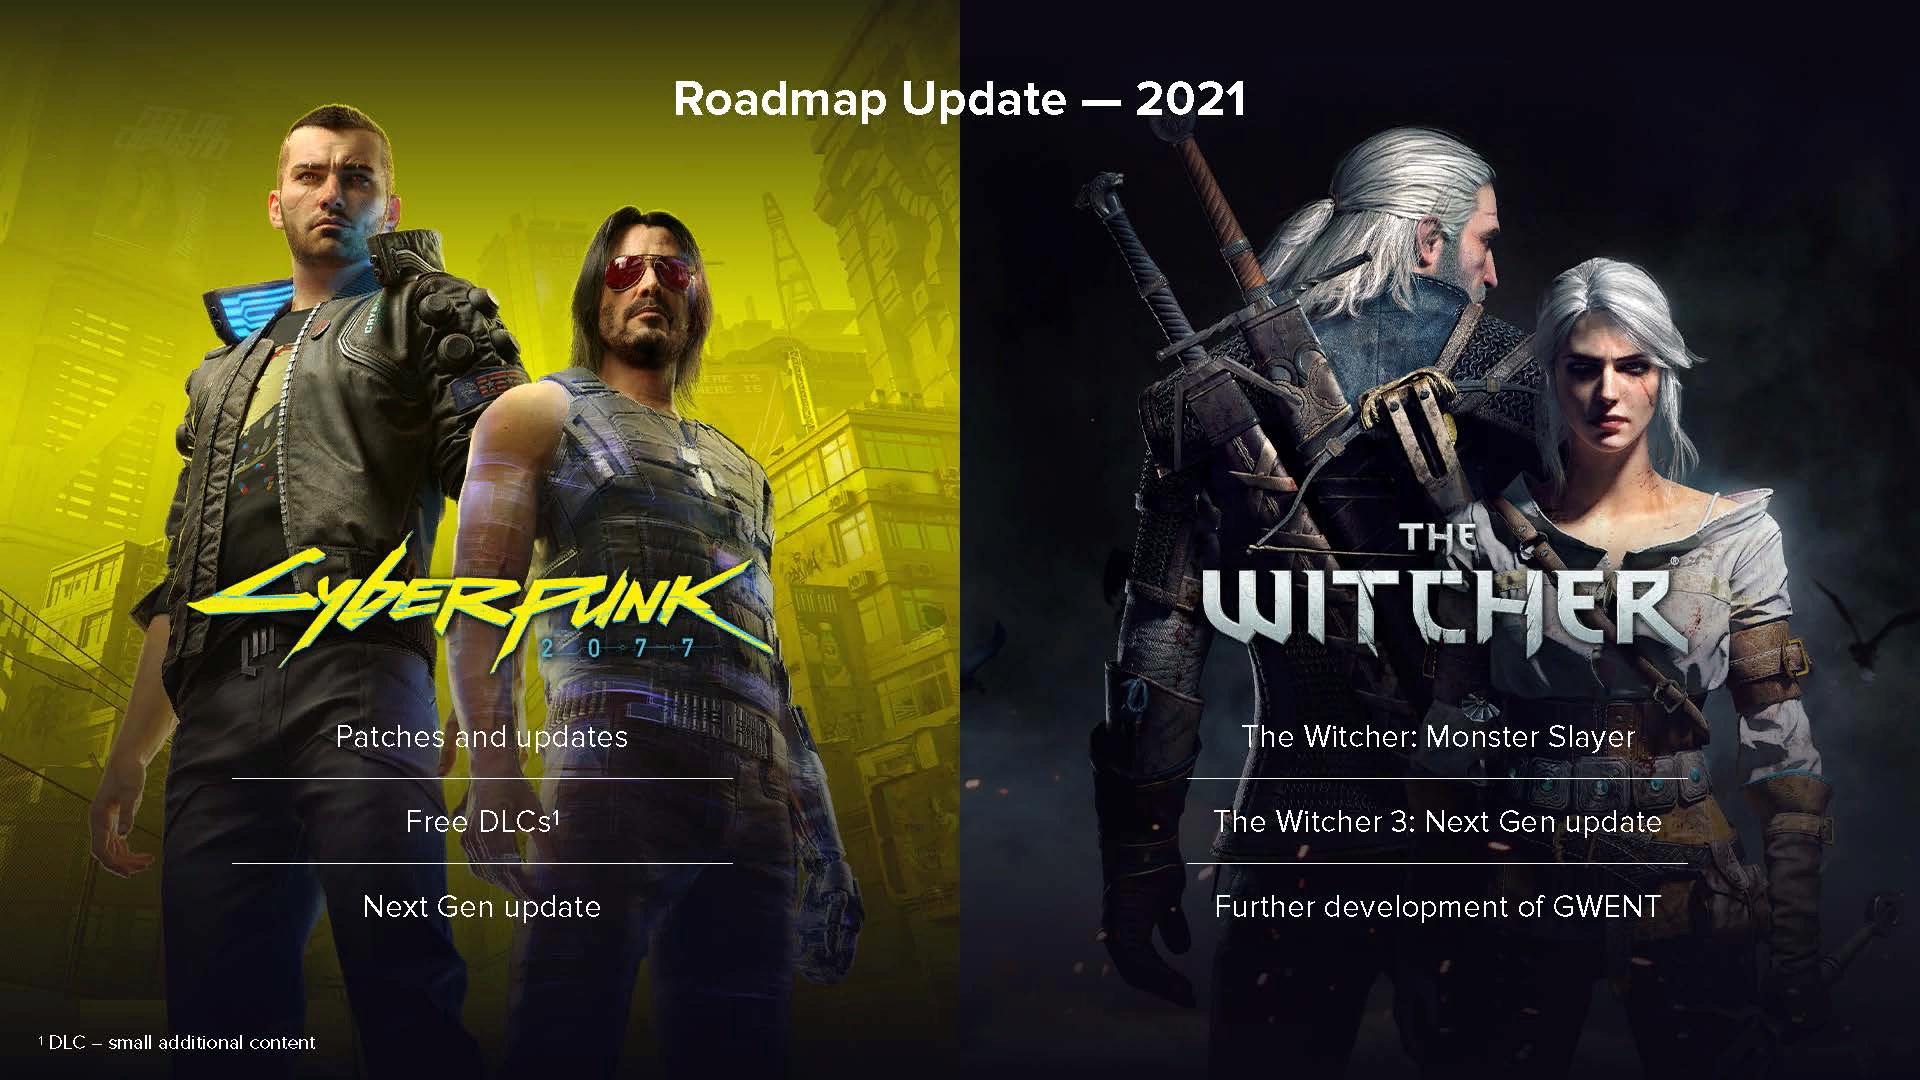 CD Projekt RED подтвердили «Ведьмак 4» и новую игру Cyberpunk